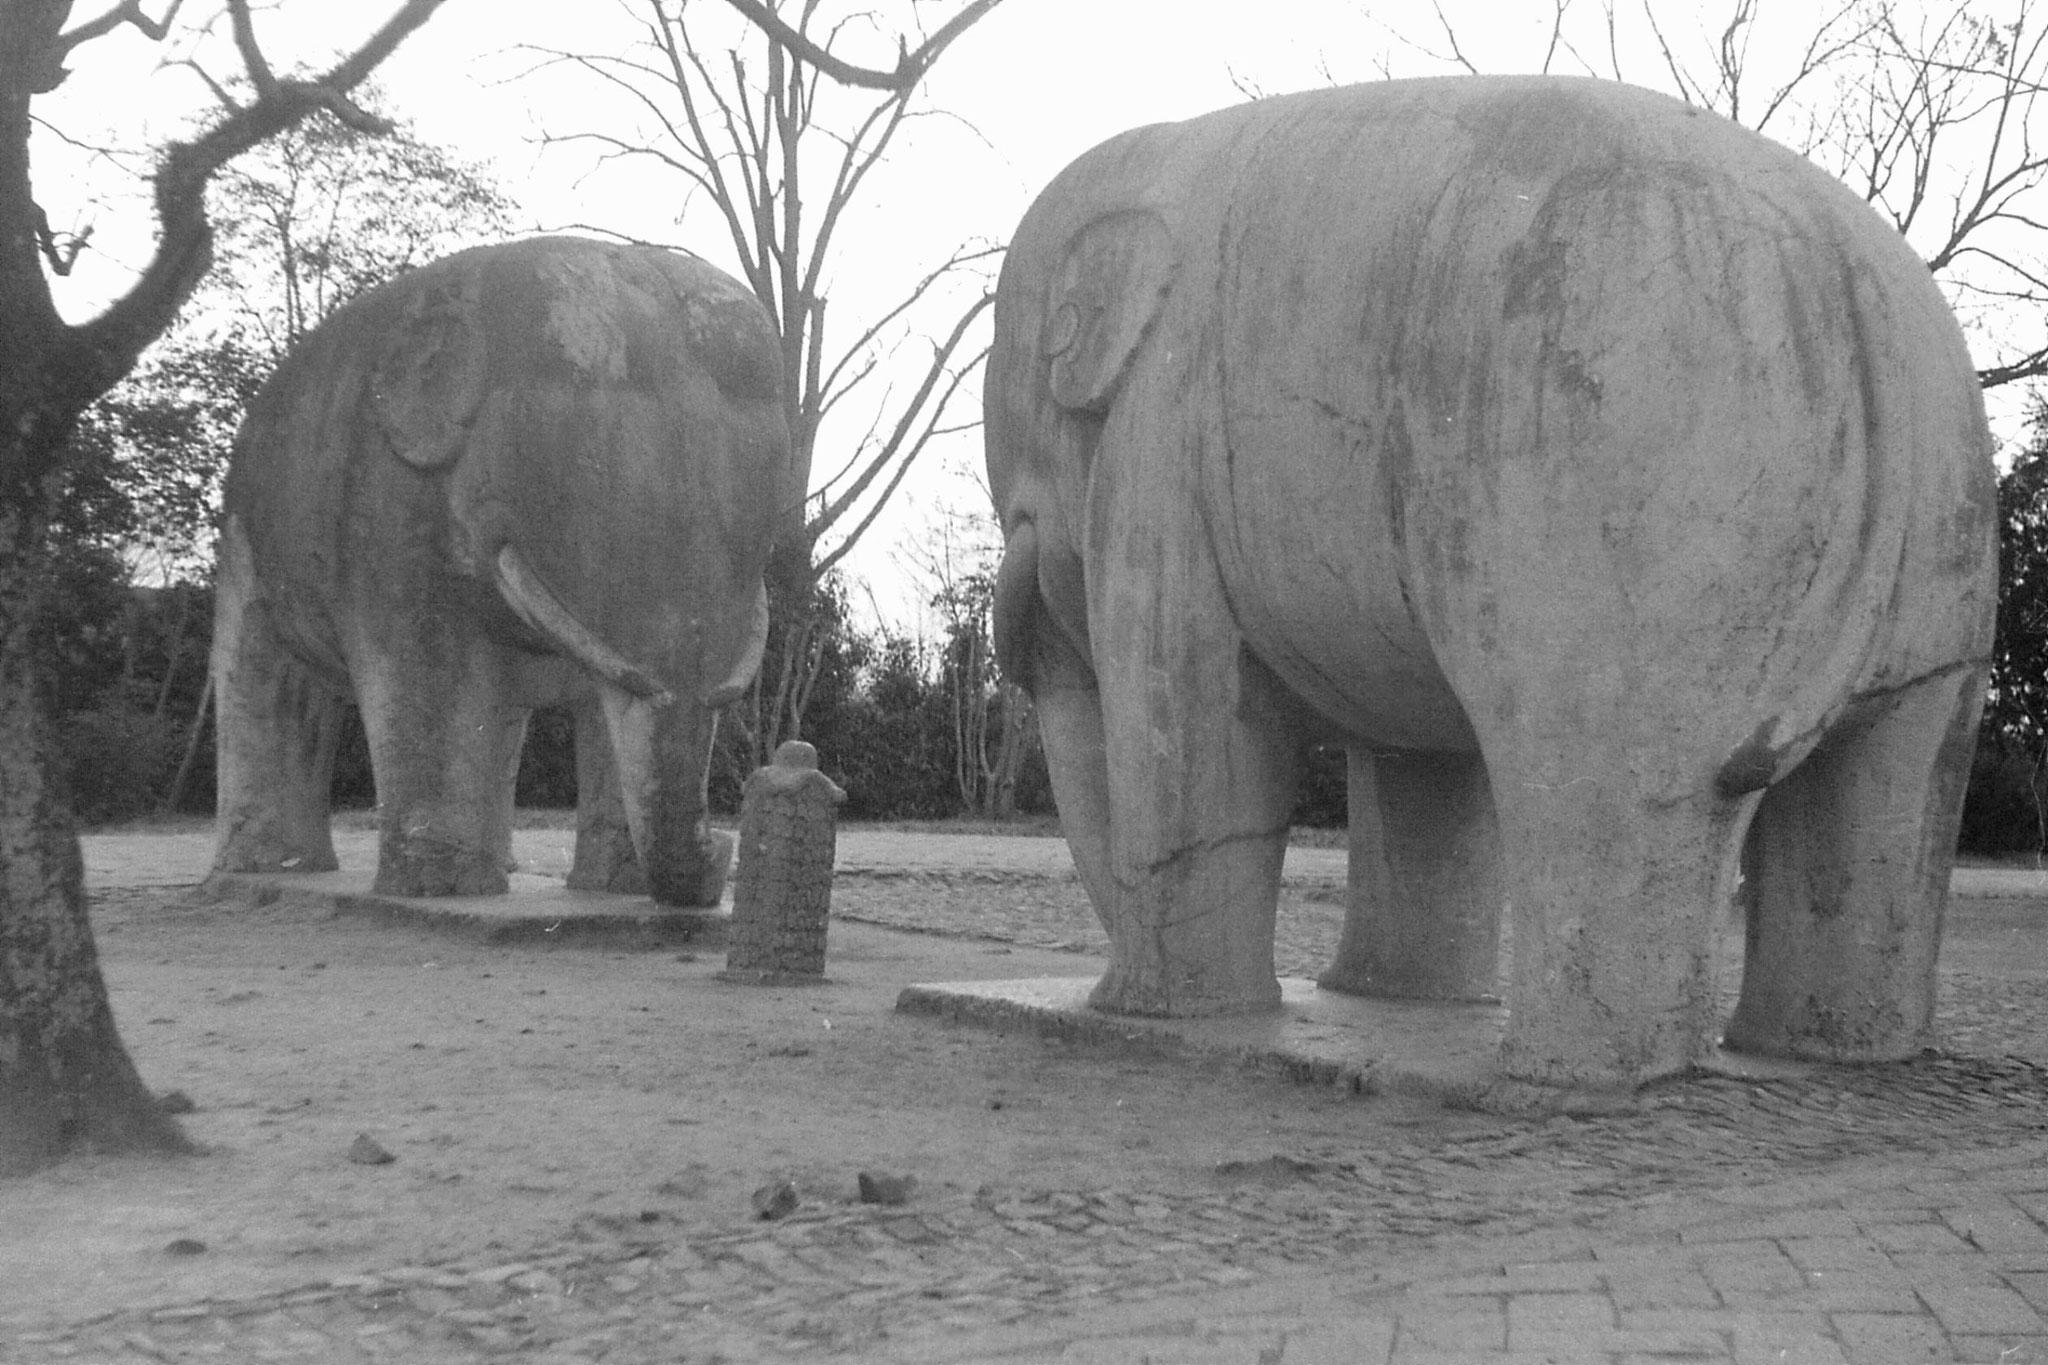 12/12/1988: 26: Nanjing, Linggu Park